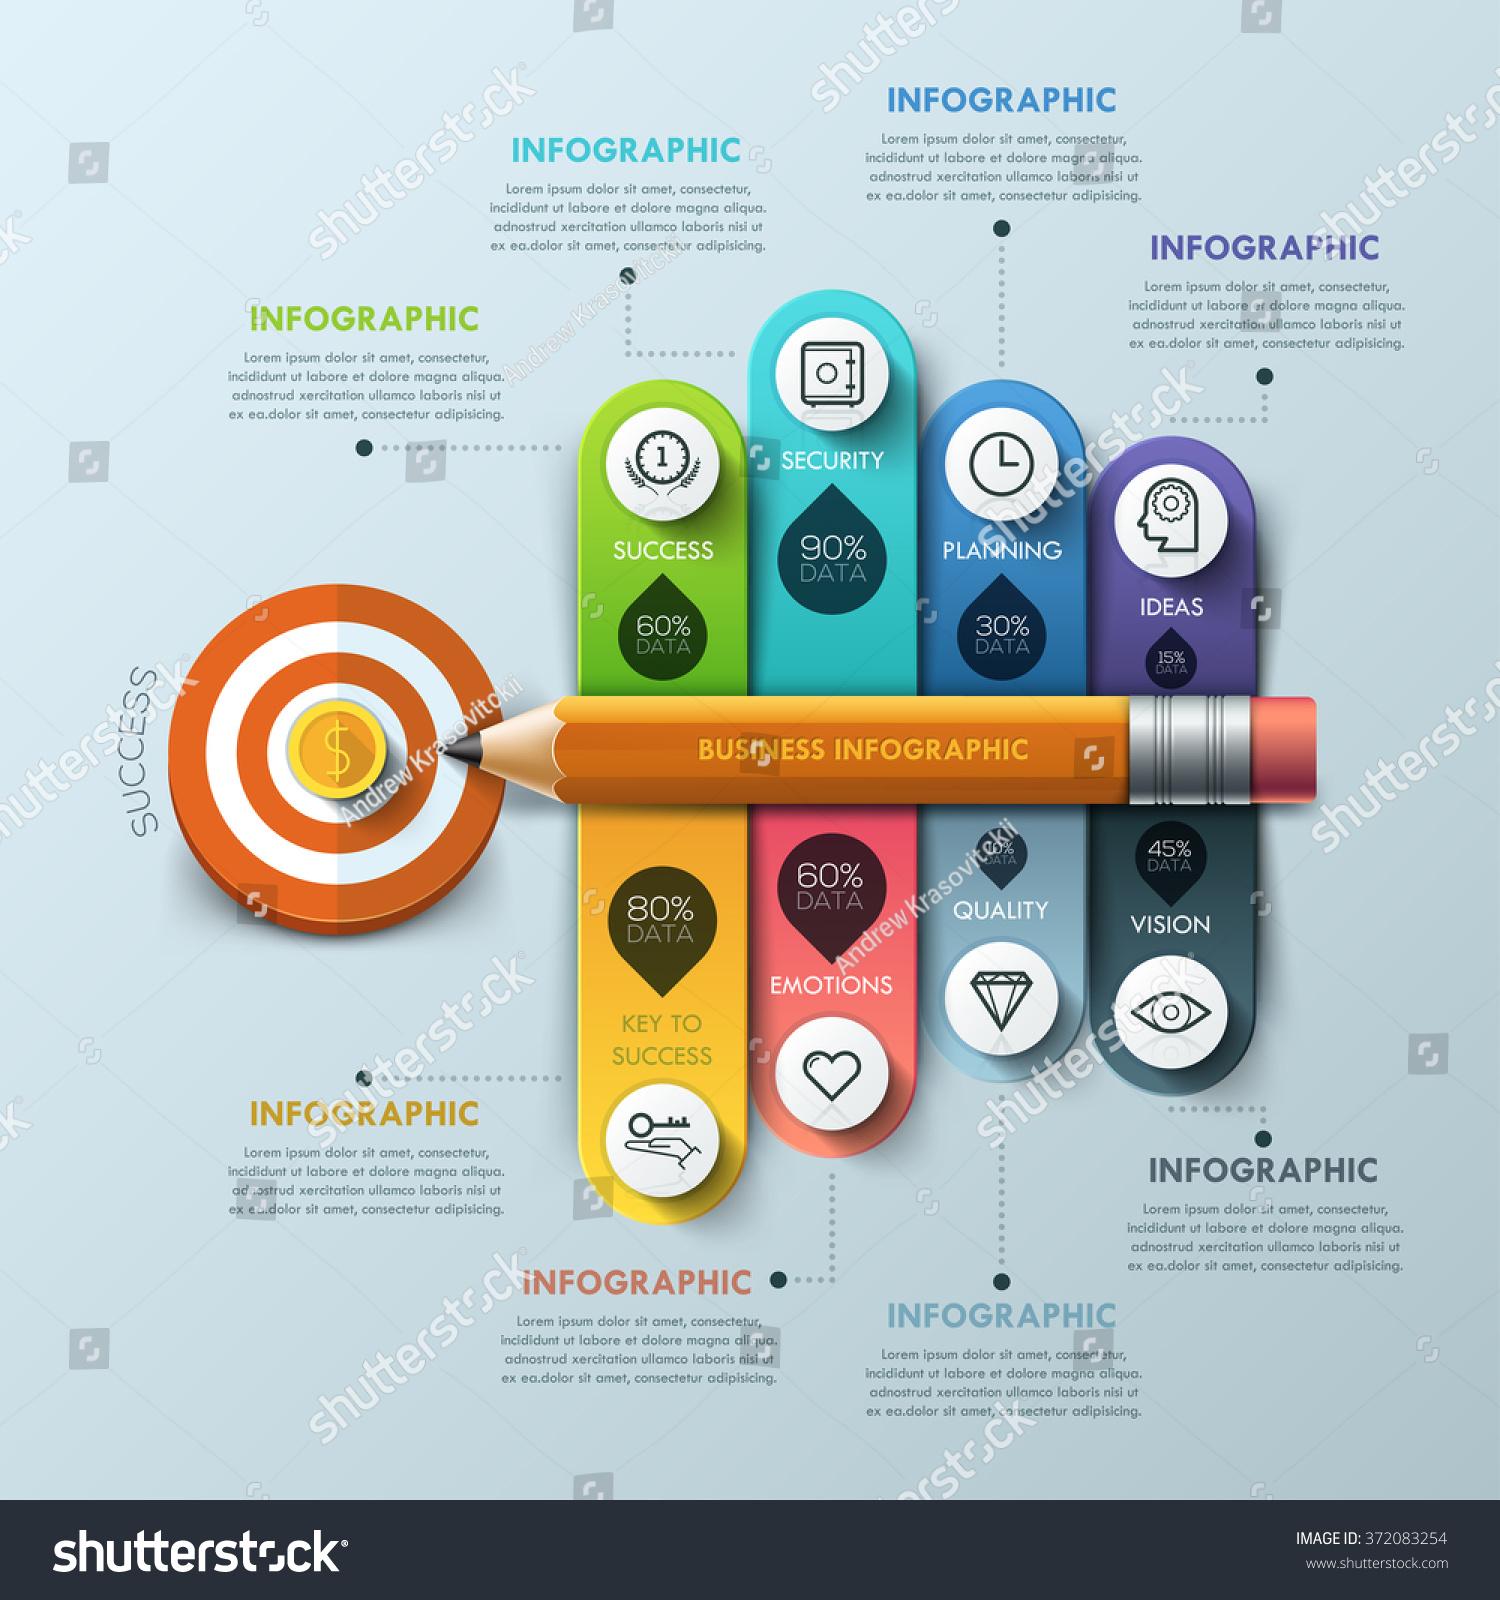 Großzügig 90 Splendi Online Diagramming Und Design Foto Ideen ...